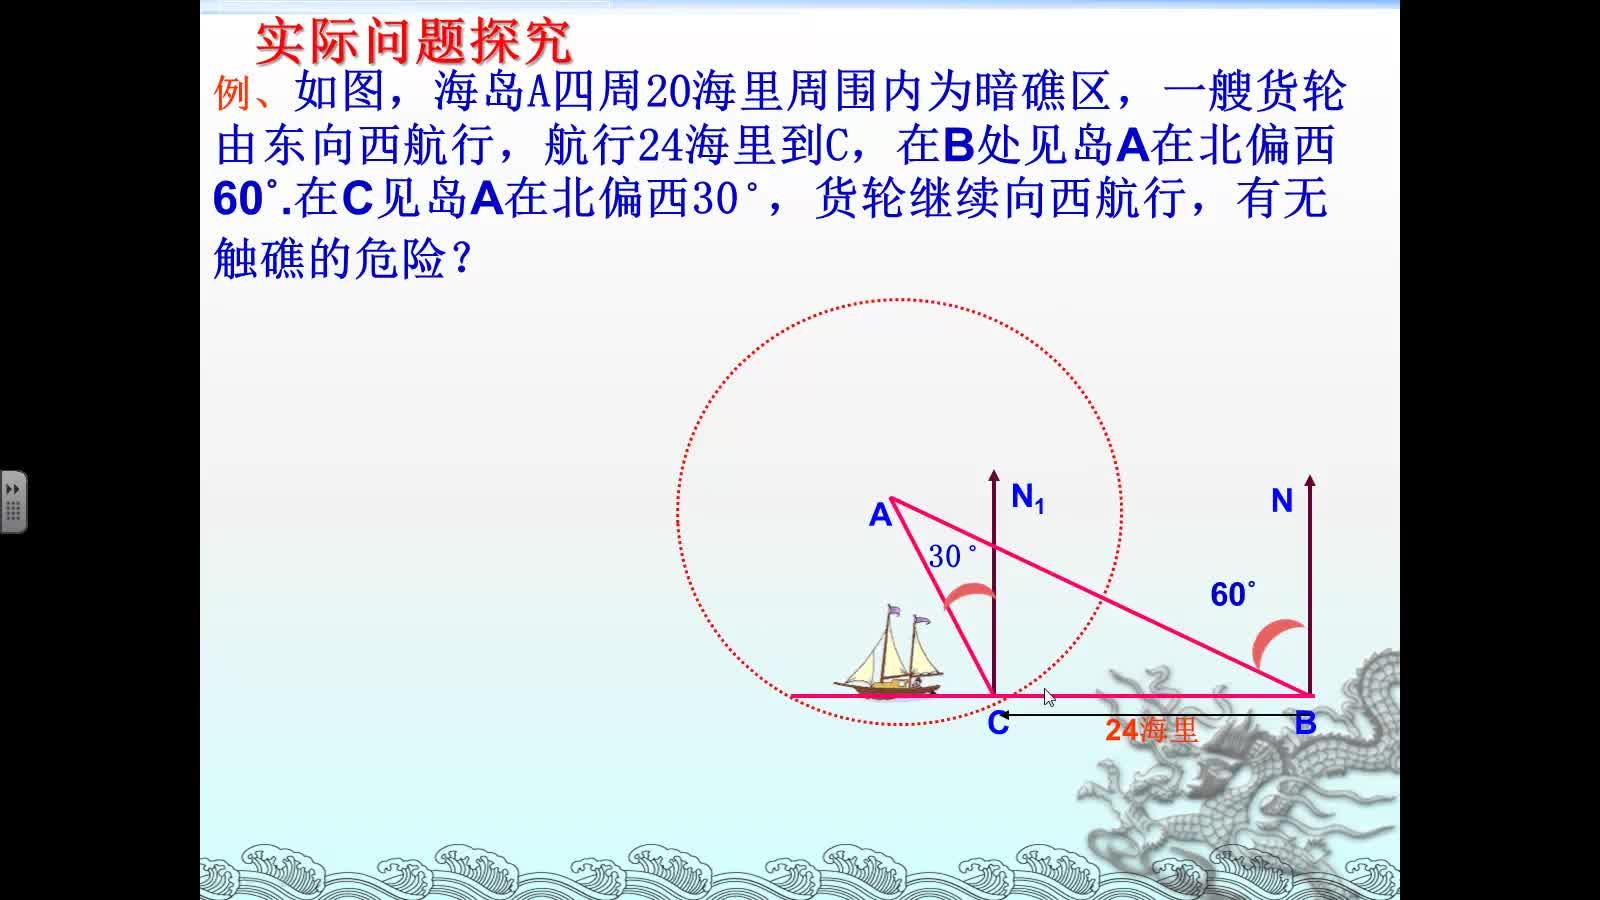 人教版 九年级数学下册 28.2 解直角三角形的应用——实际问题探究(方位角)-视频微课堂